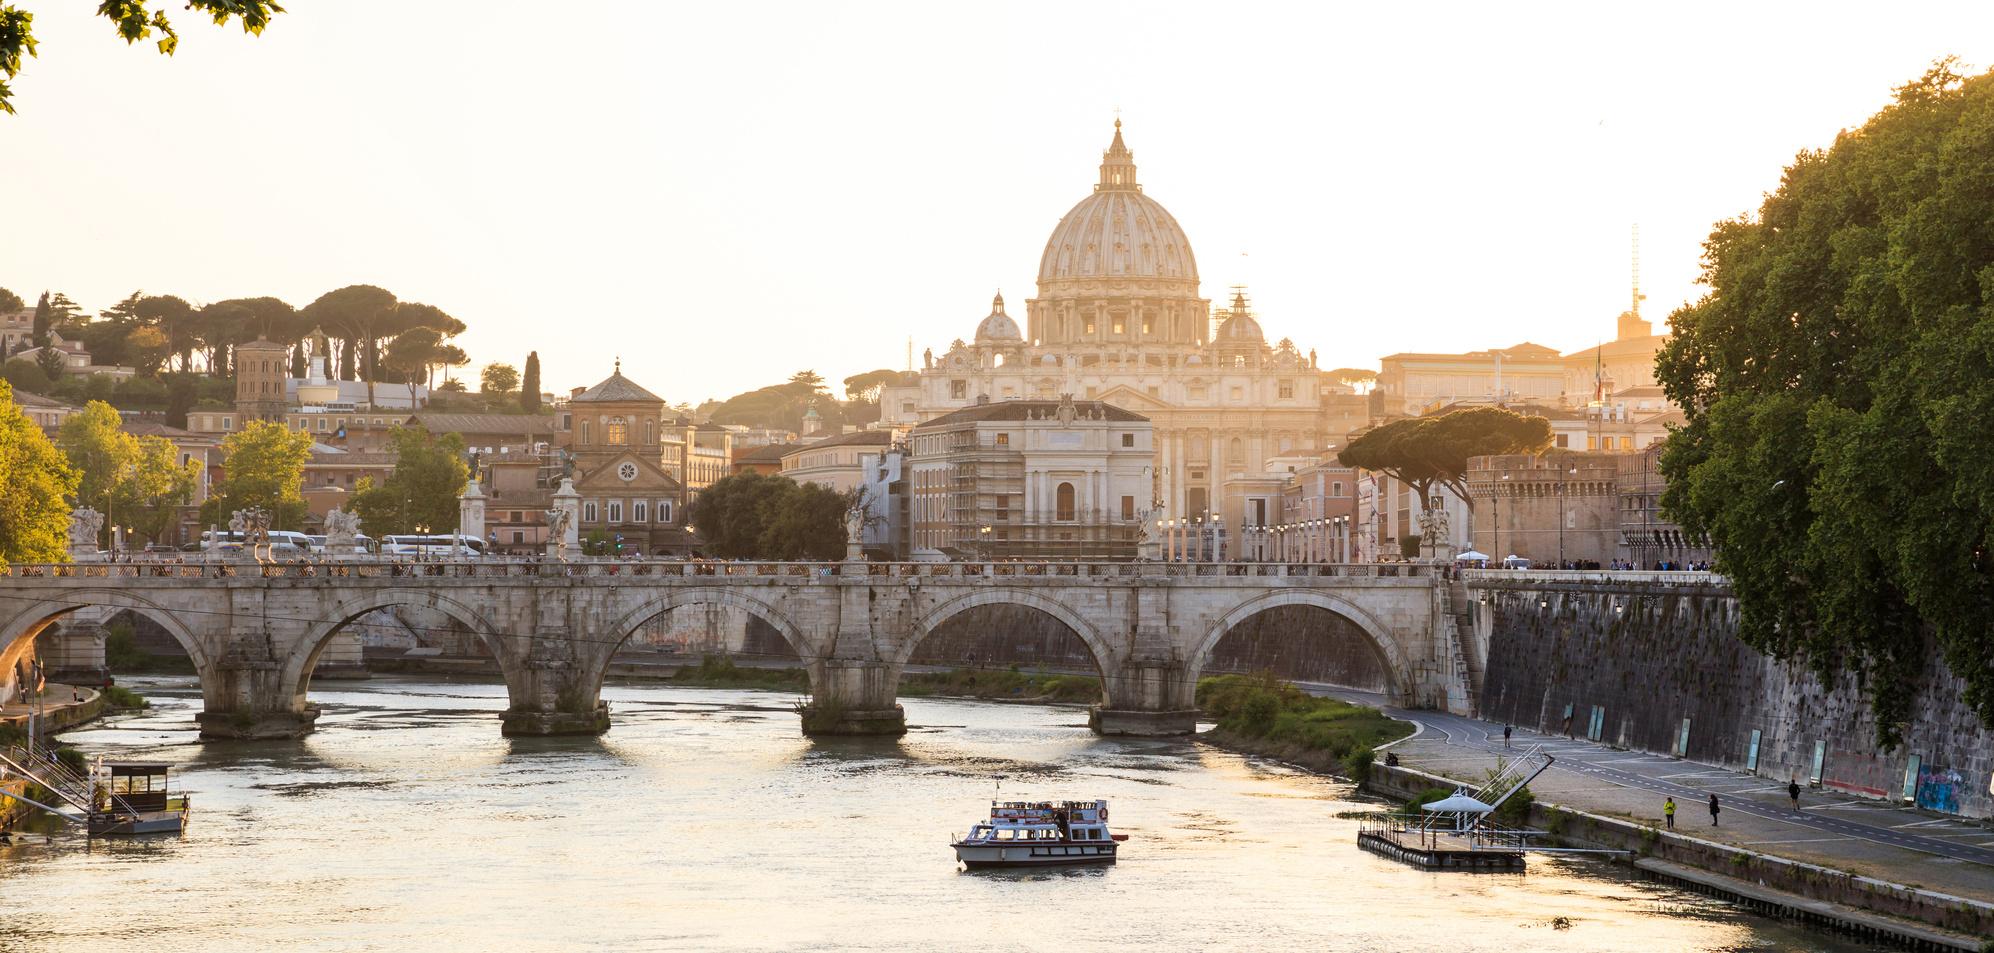 Voyage scolaire Témoignages Collège & Lycées – Rome, Venise & Sicile